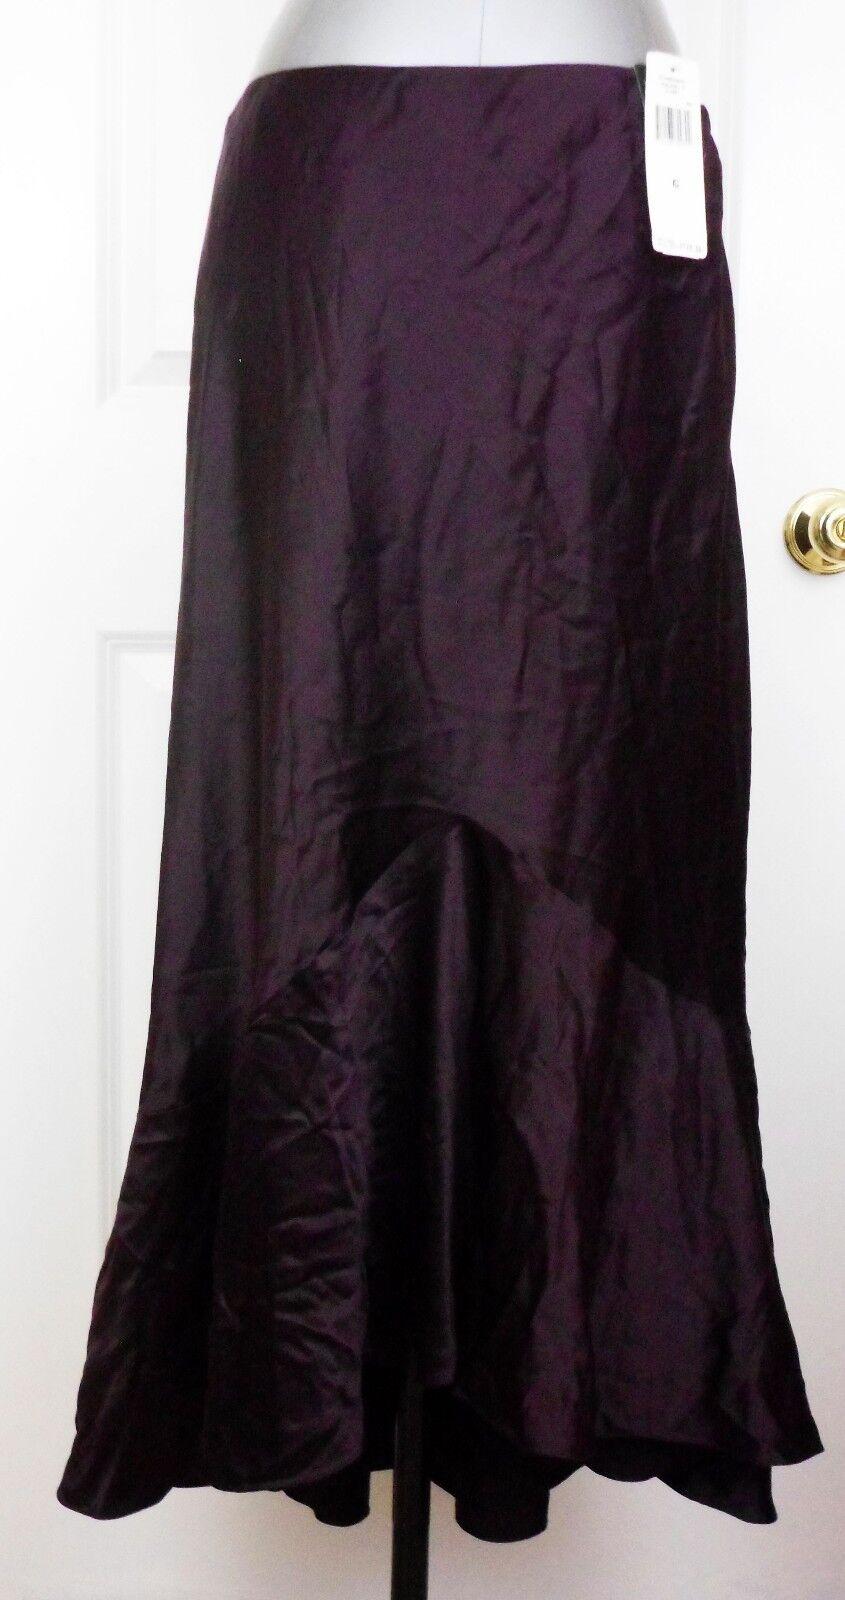 New RALPH LAUREN Woman ANGLESEY CLARET SKIRT Silk Bias Cut Long Maroon SZ 6